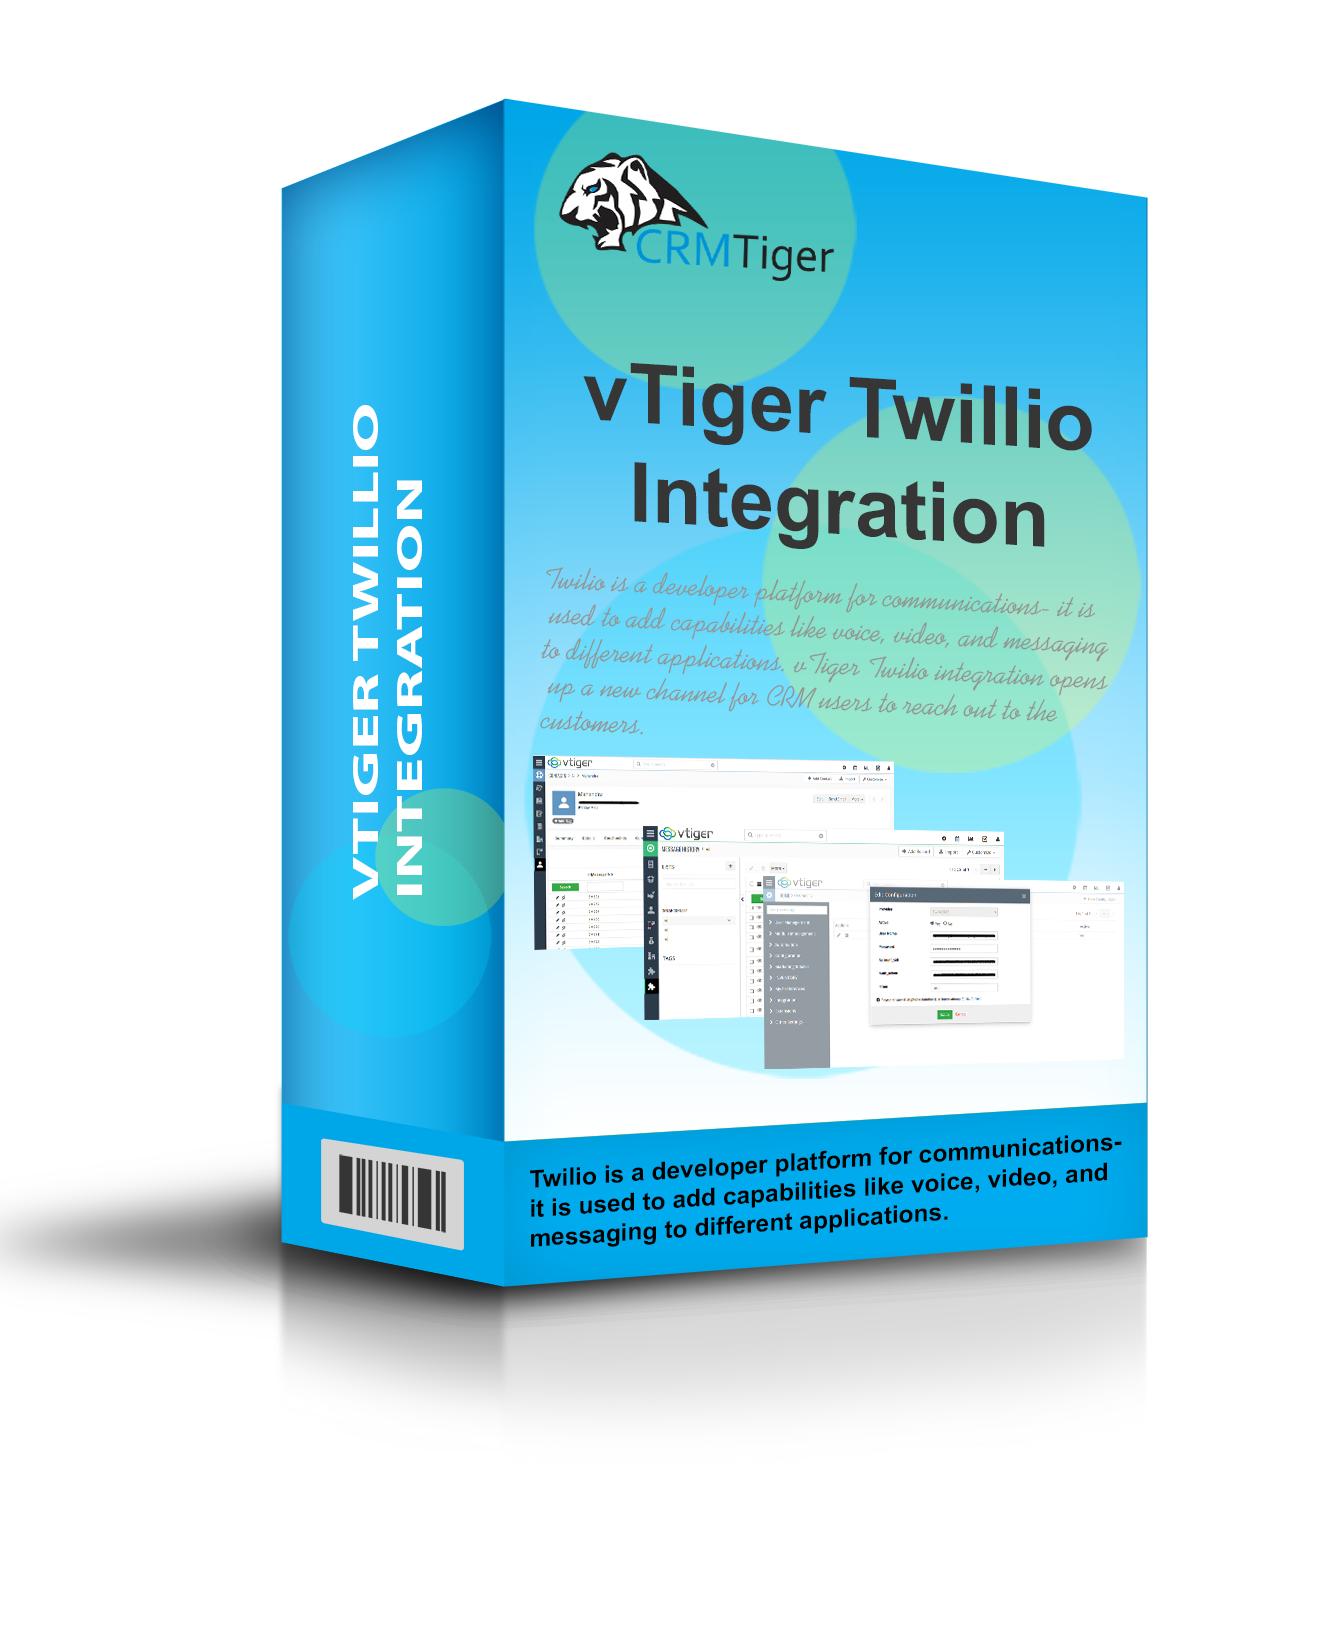 vTiger Twillio Integration